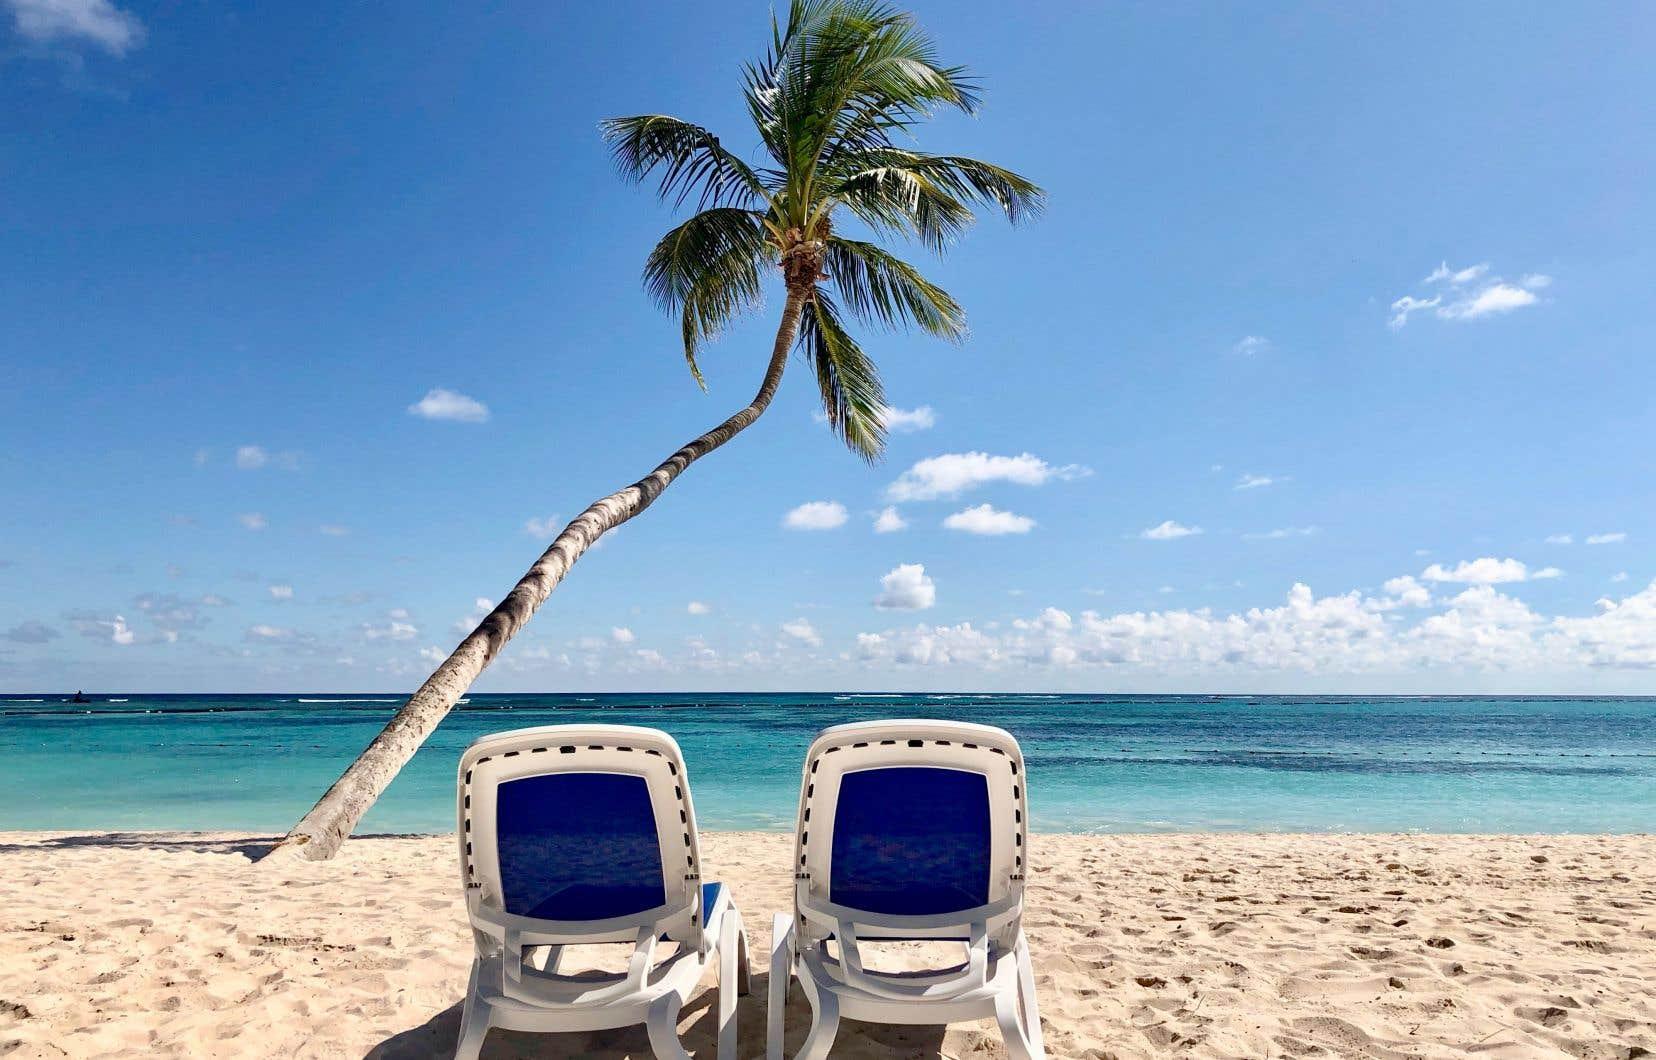 Le séjour en formule tout-compris au Mexique et en République dominicaine est présentement l'option la plus simple pour les voyageurs. Sur la photo, on aperçoit l'une des plages du Club Med Punta Cana, en République dominicaine.